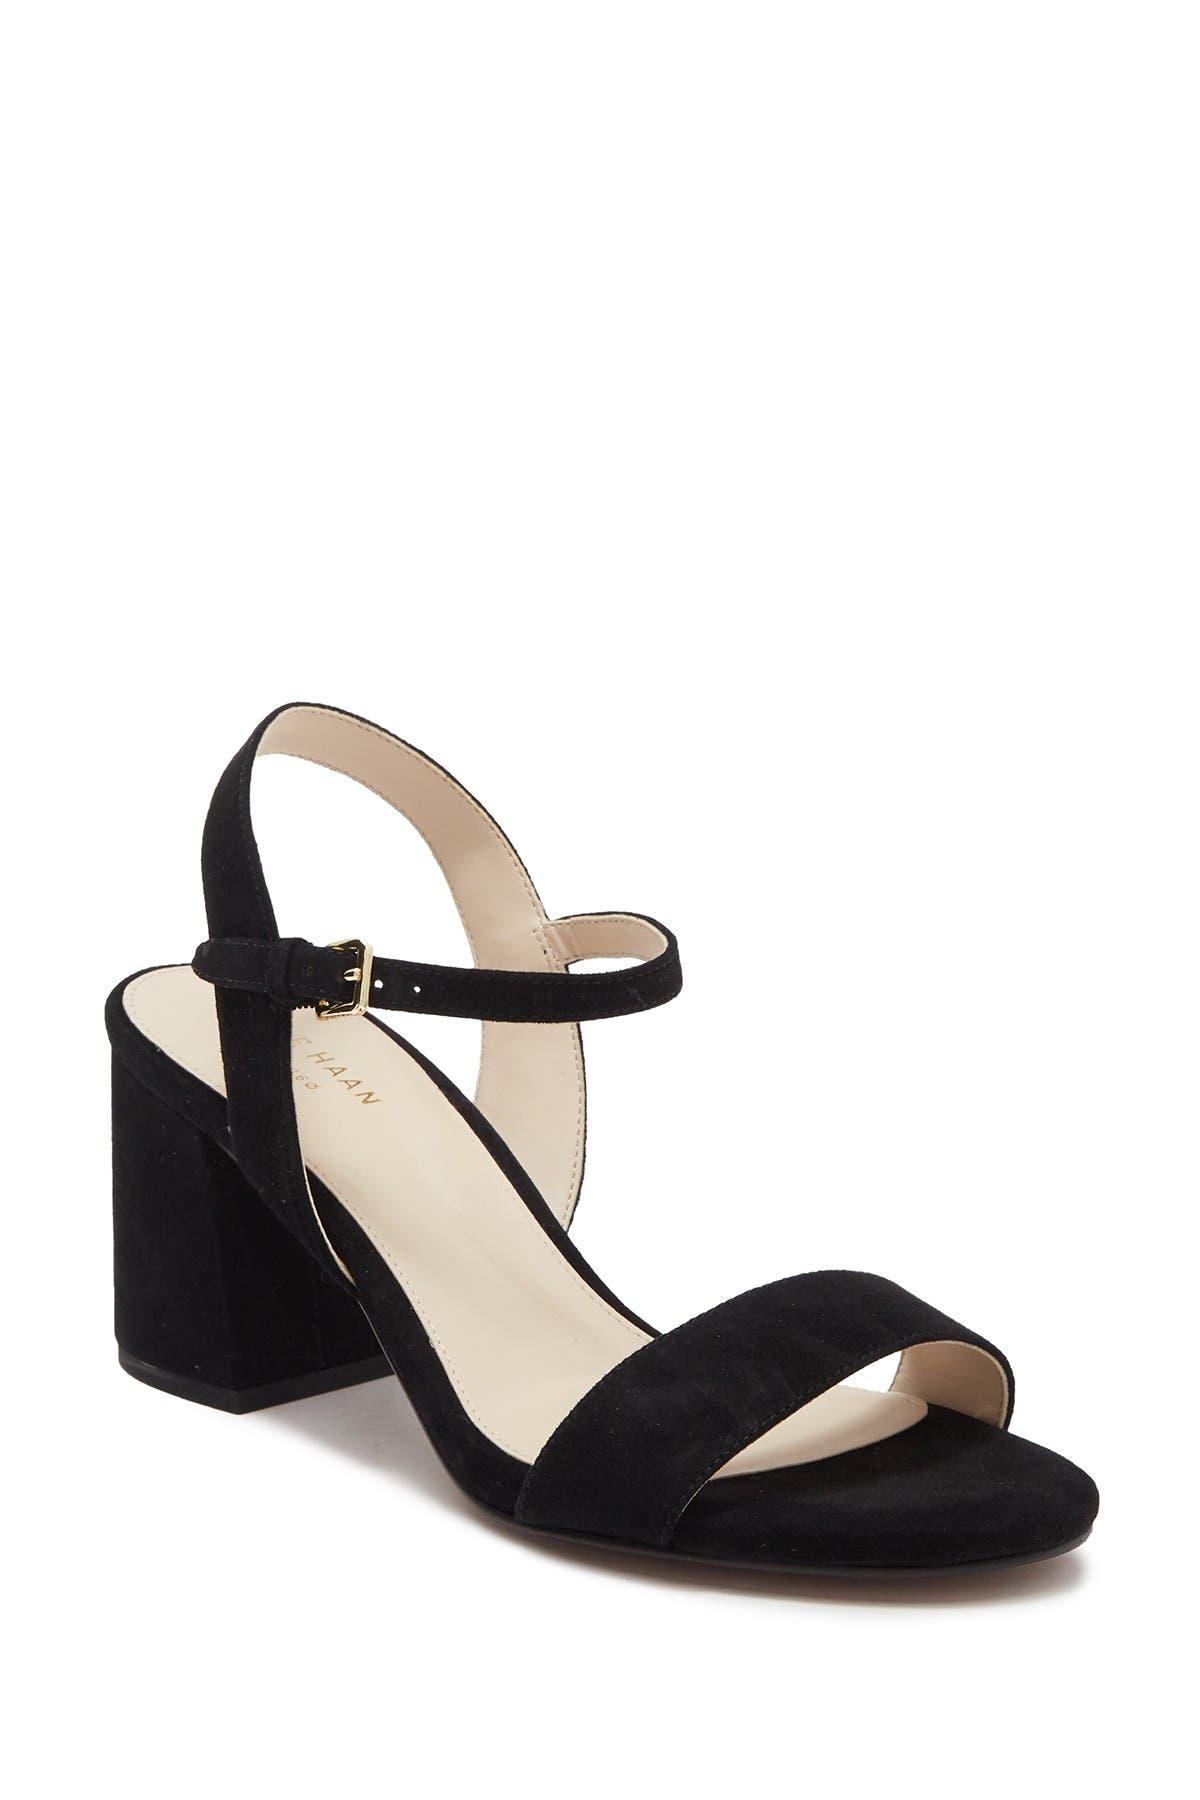 Cole Haan | Josie Block Heel Sandal